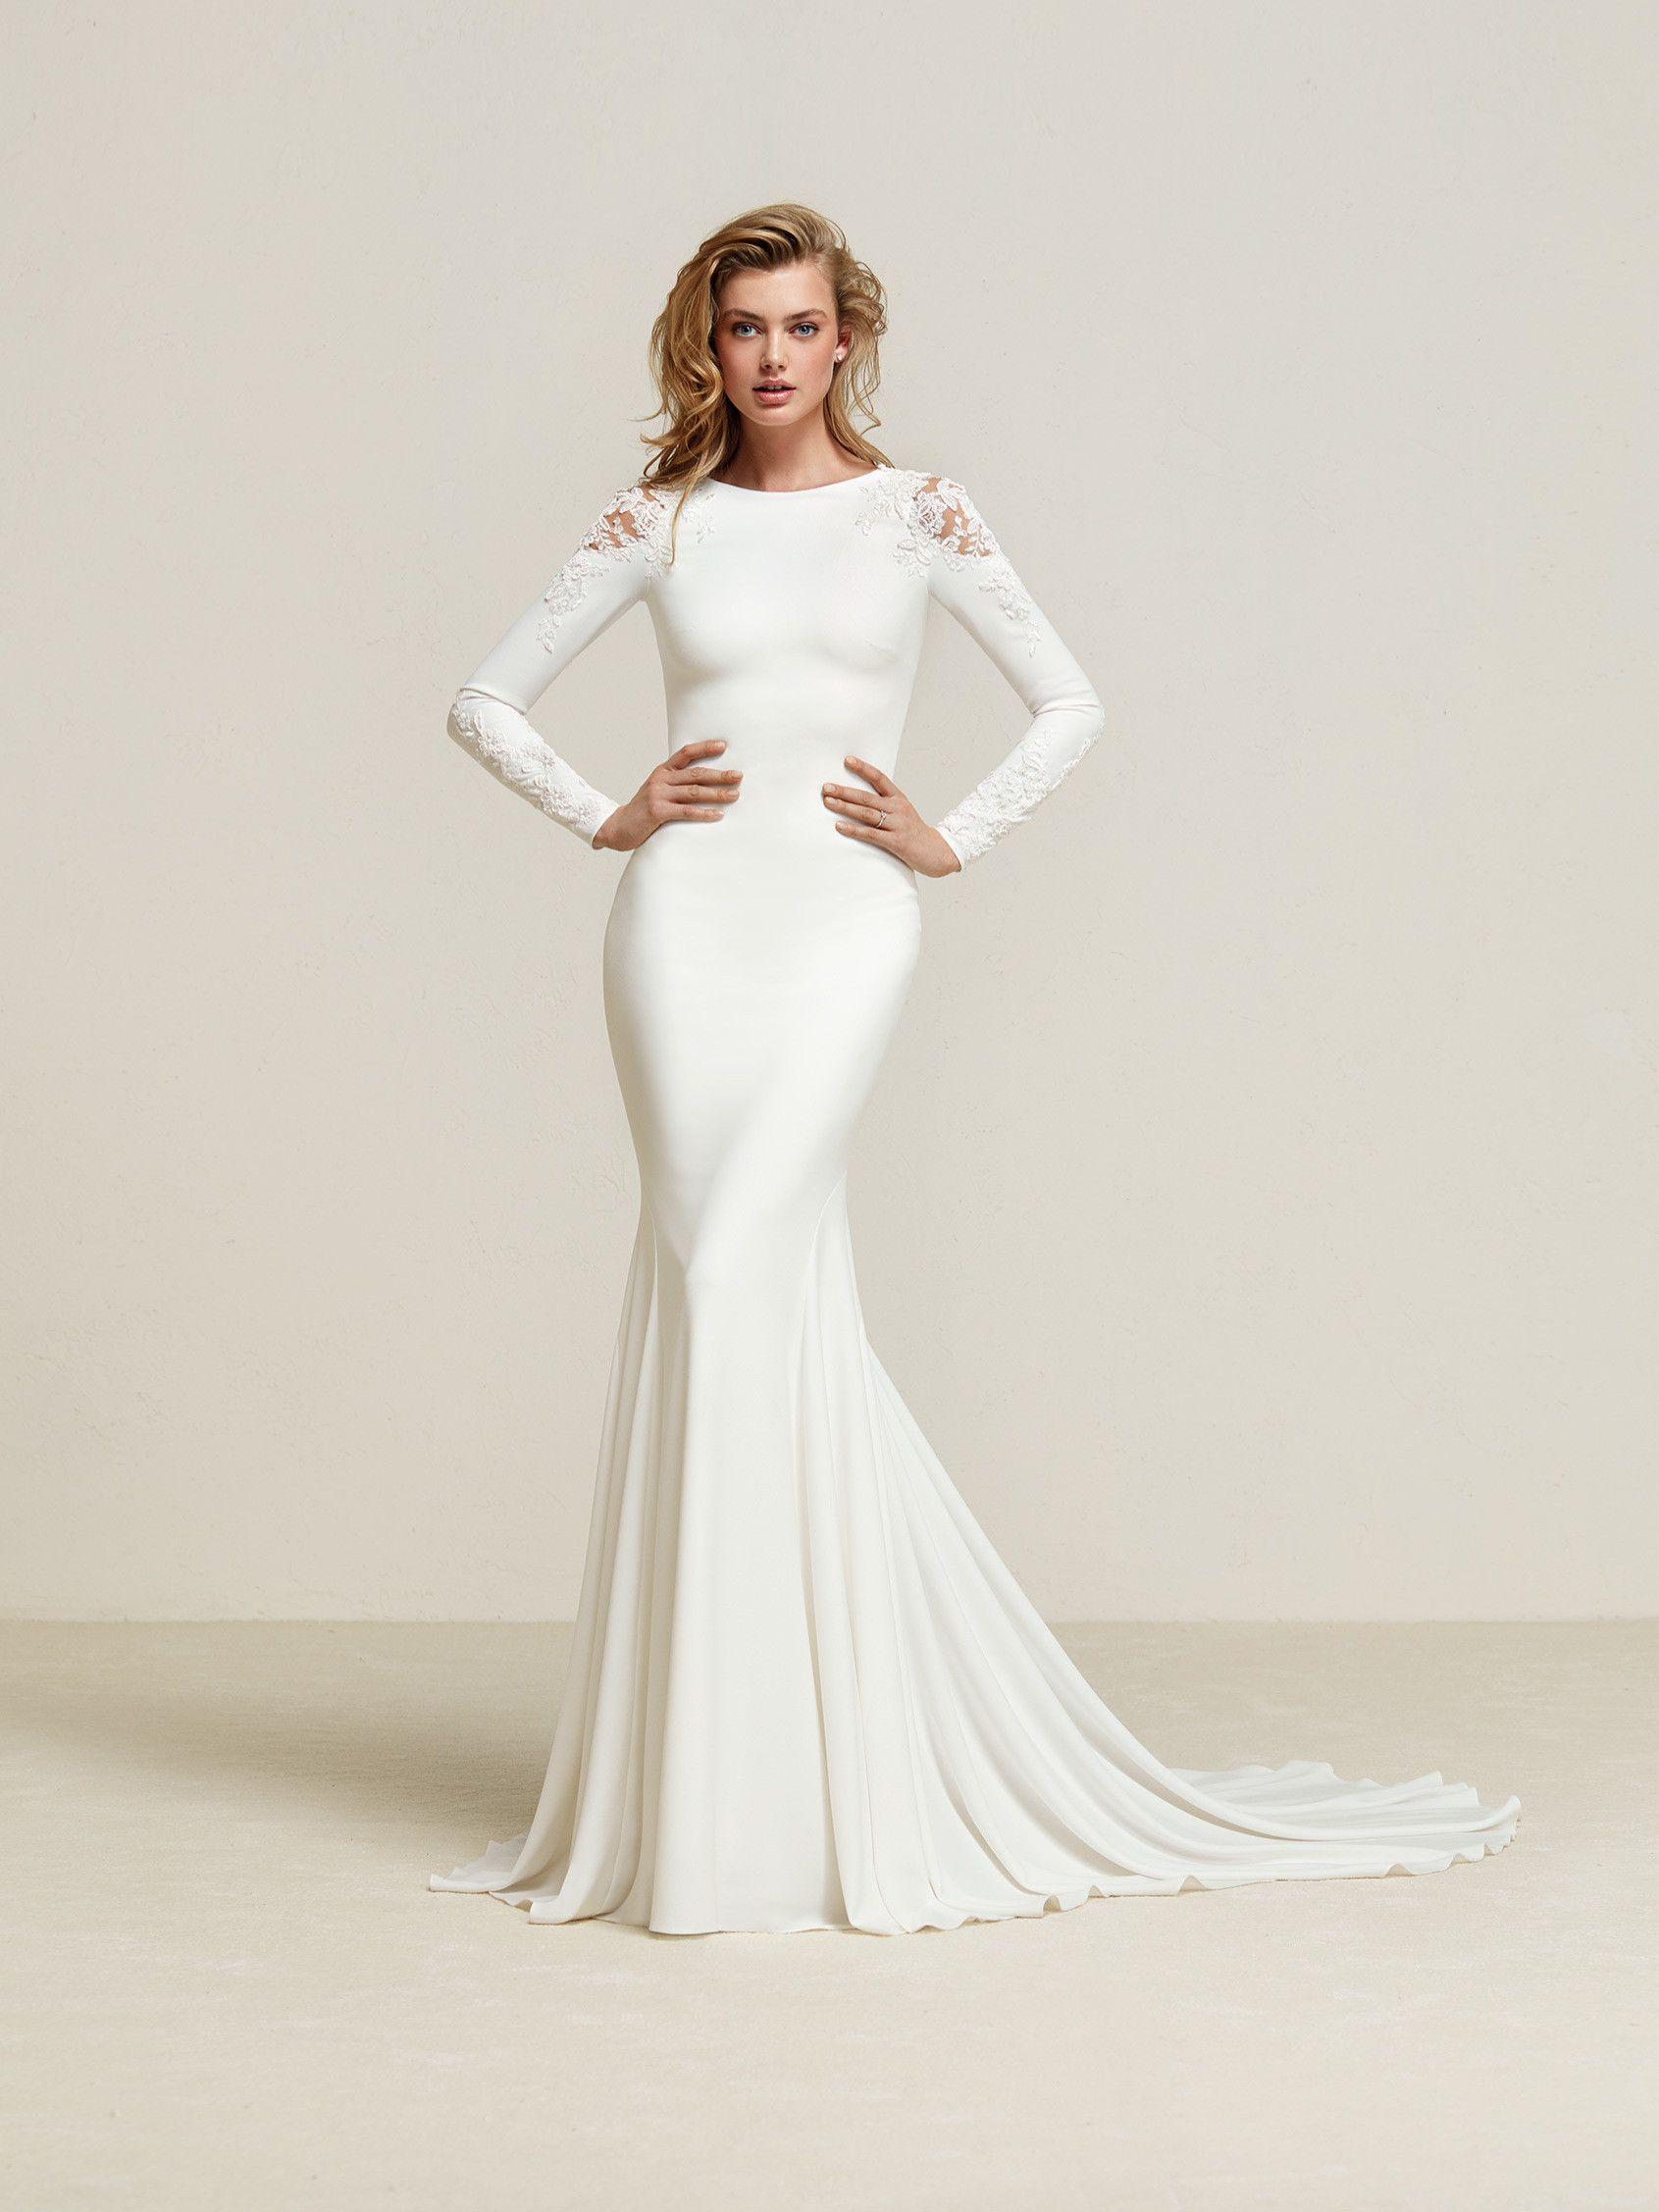 e78c9e6d73 Vestido para novias con clase - Dreide - Pronovias